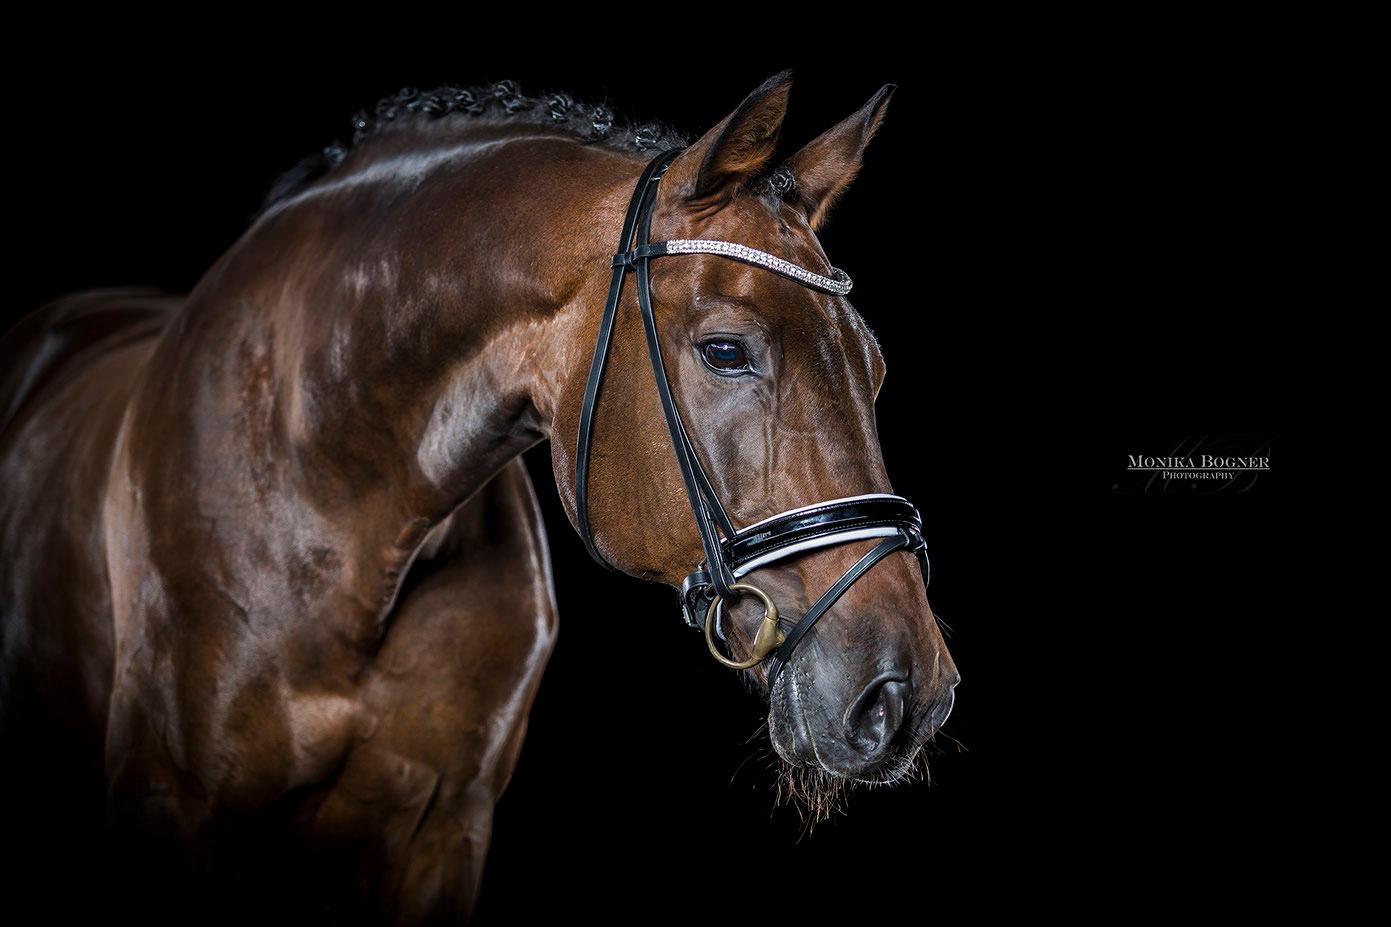 Warmblut, Dressurpferde, Pferde im Studio, vor schwarzem Hintergrund